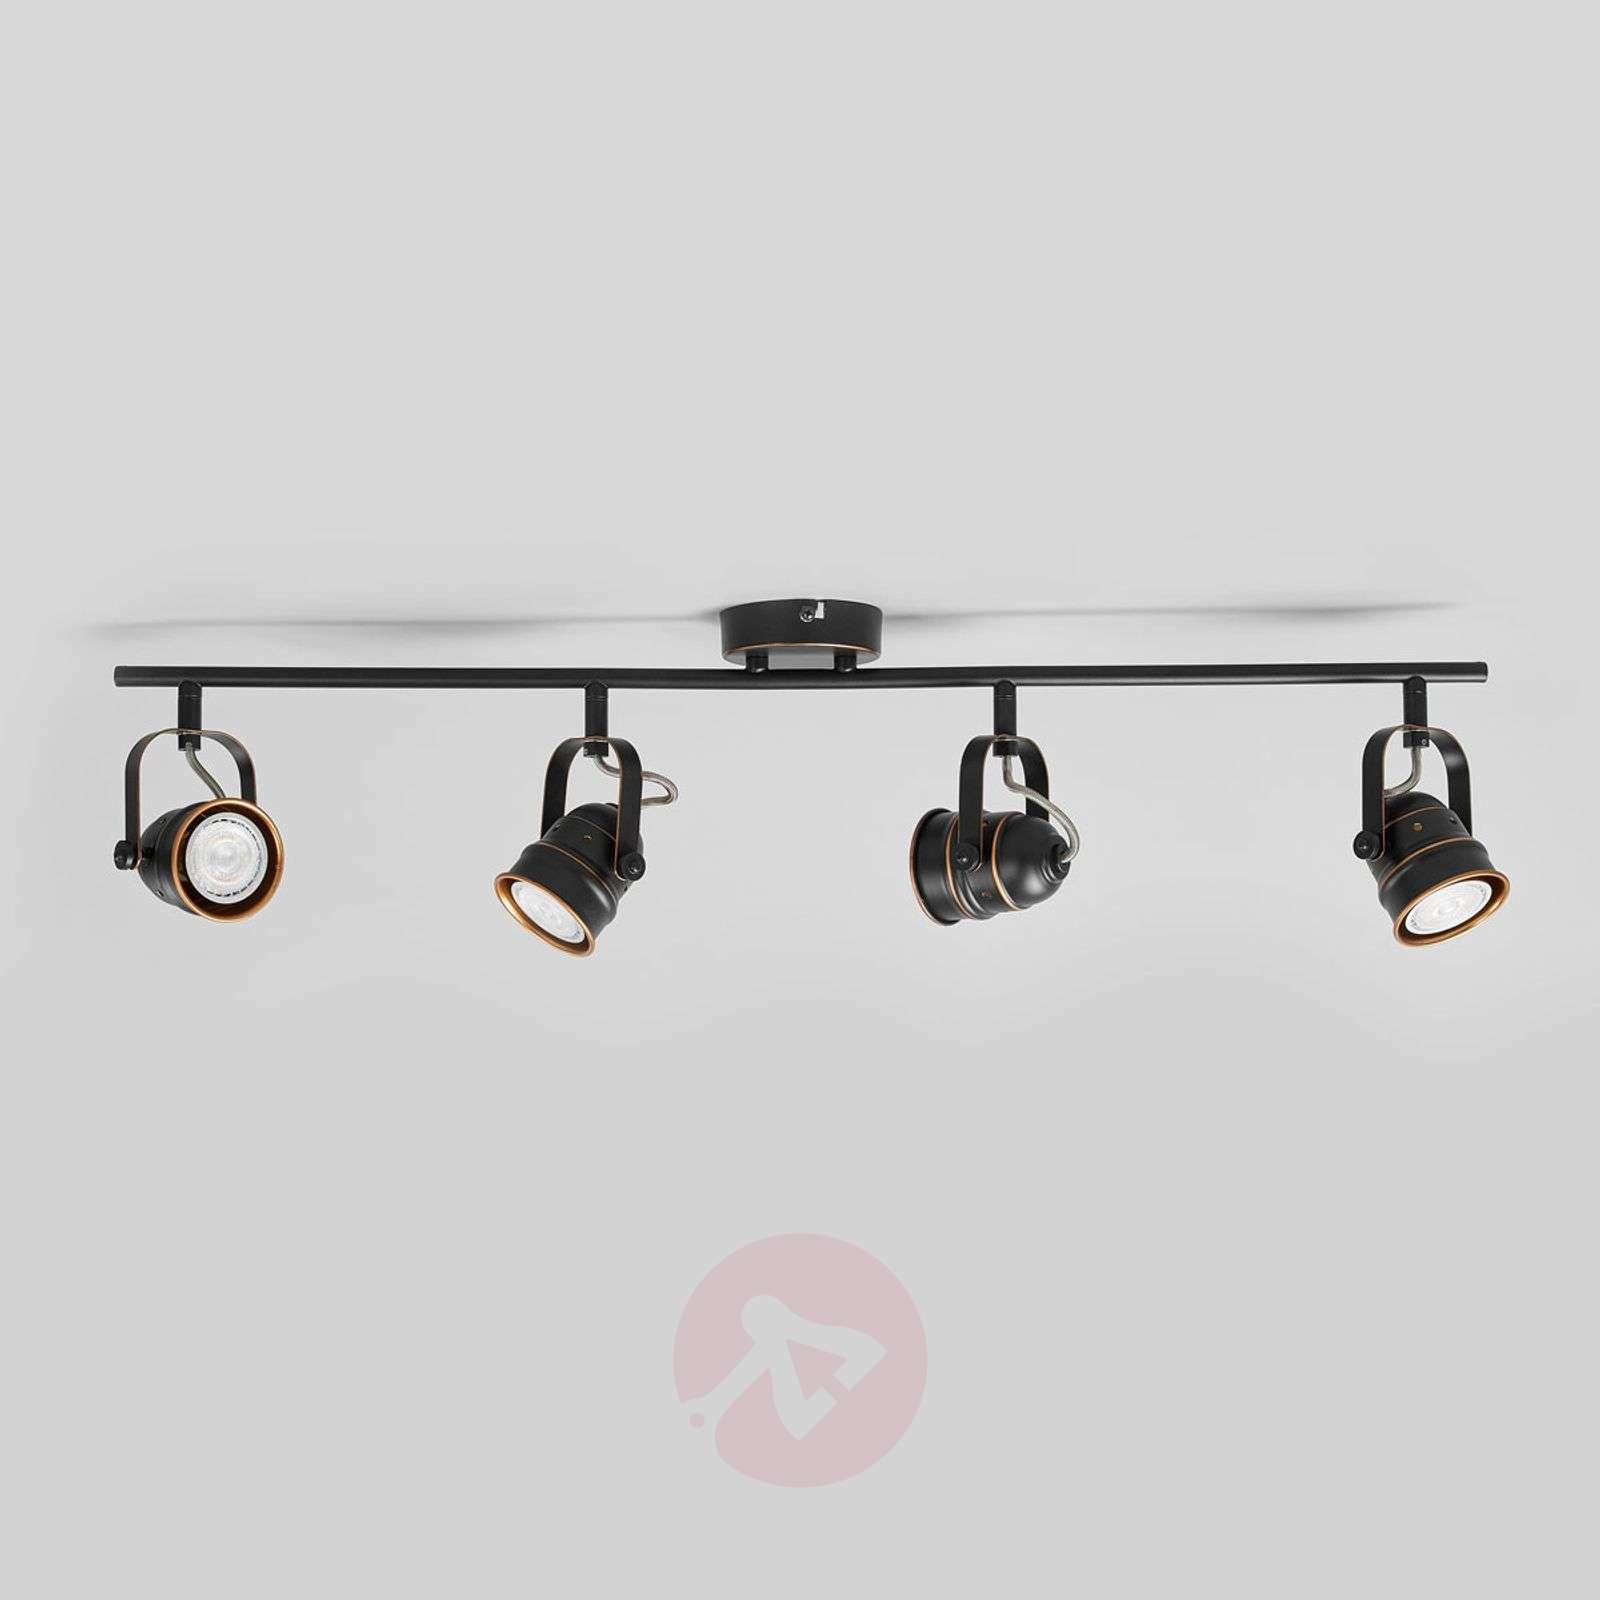 4-lamppuinen LED-kattolamppu Leonor, musta-kulta-9639068-01